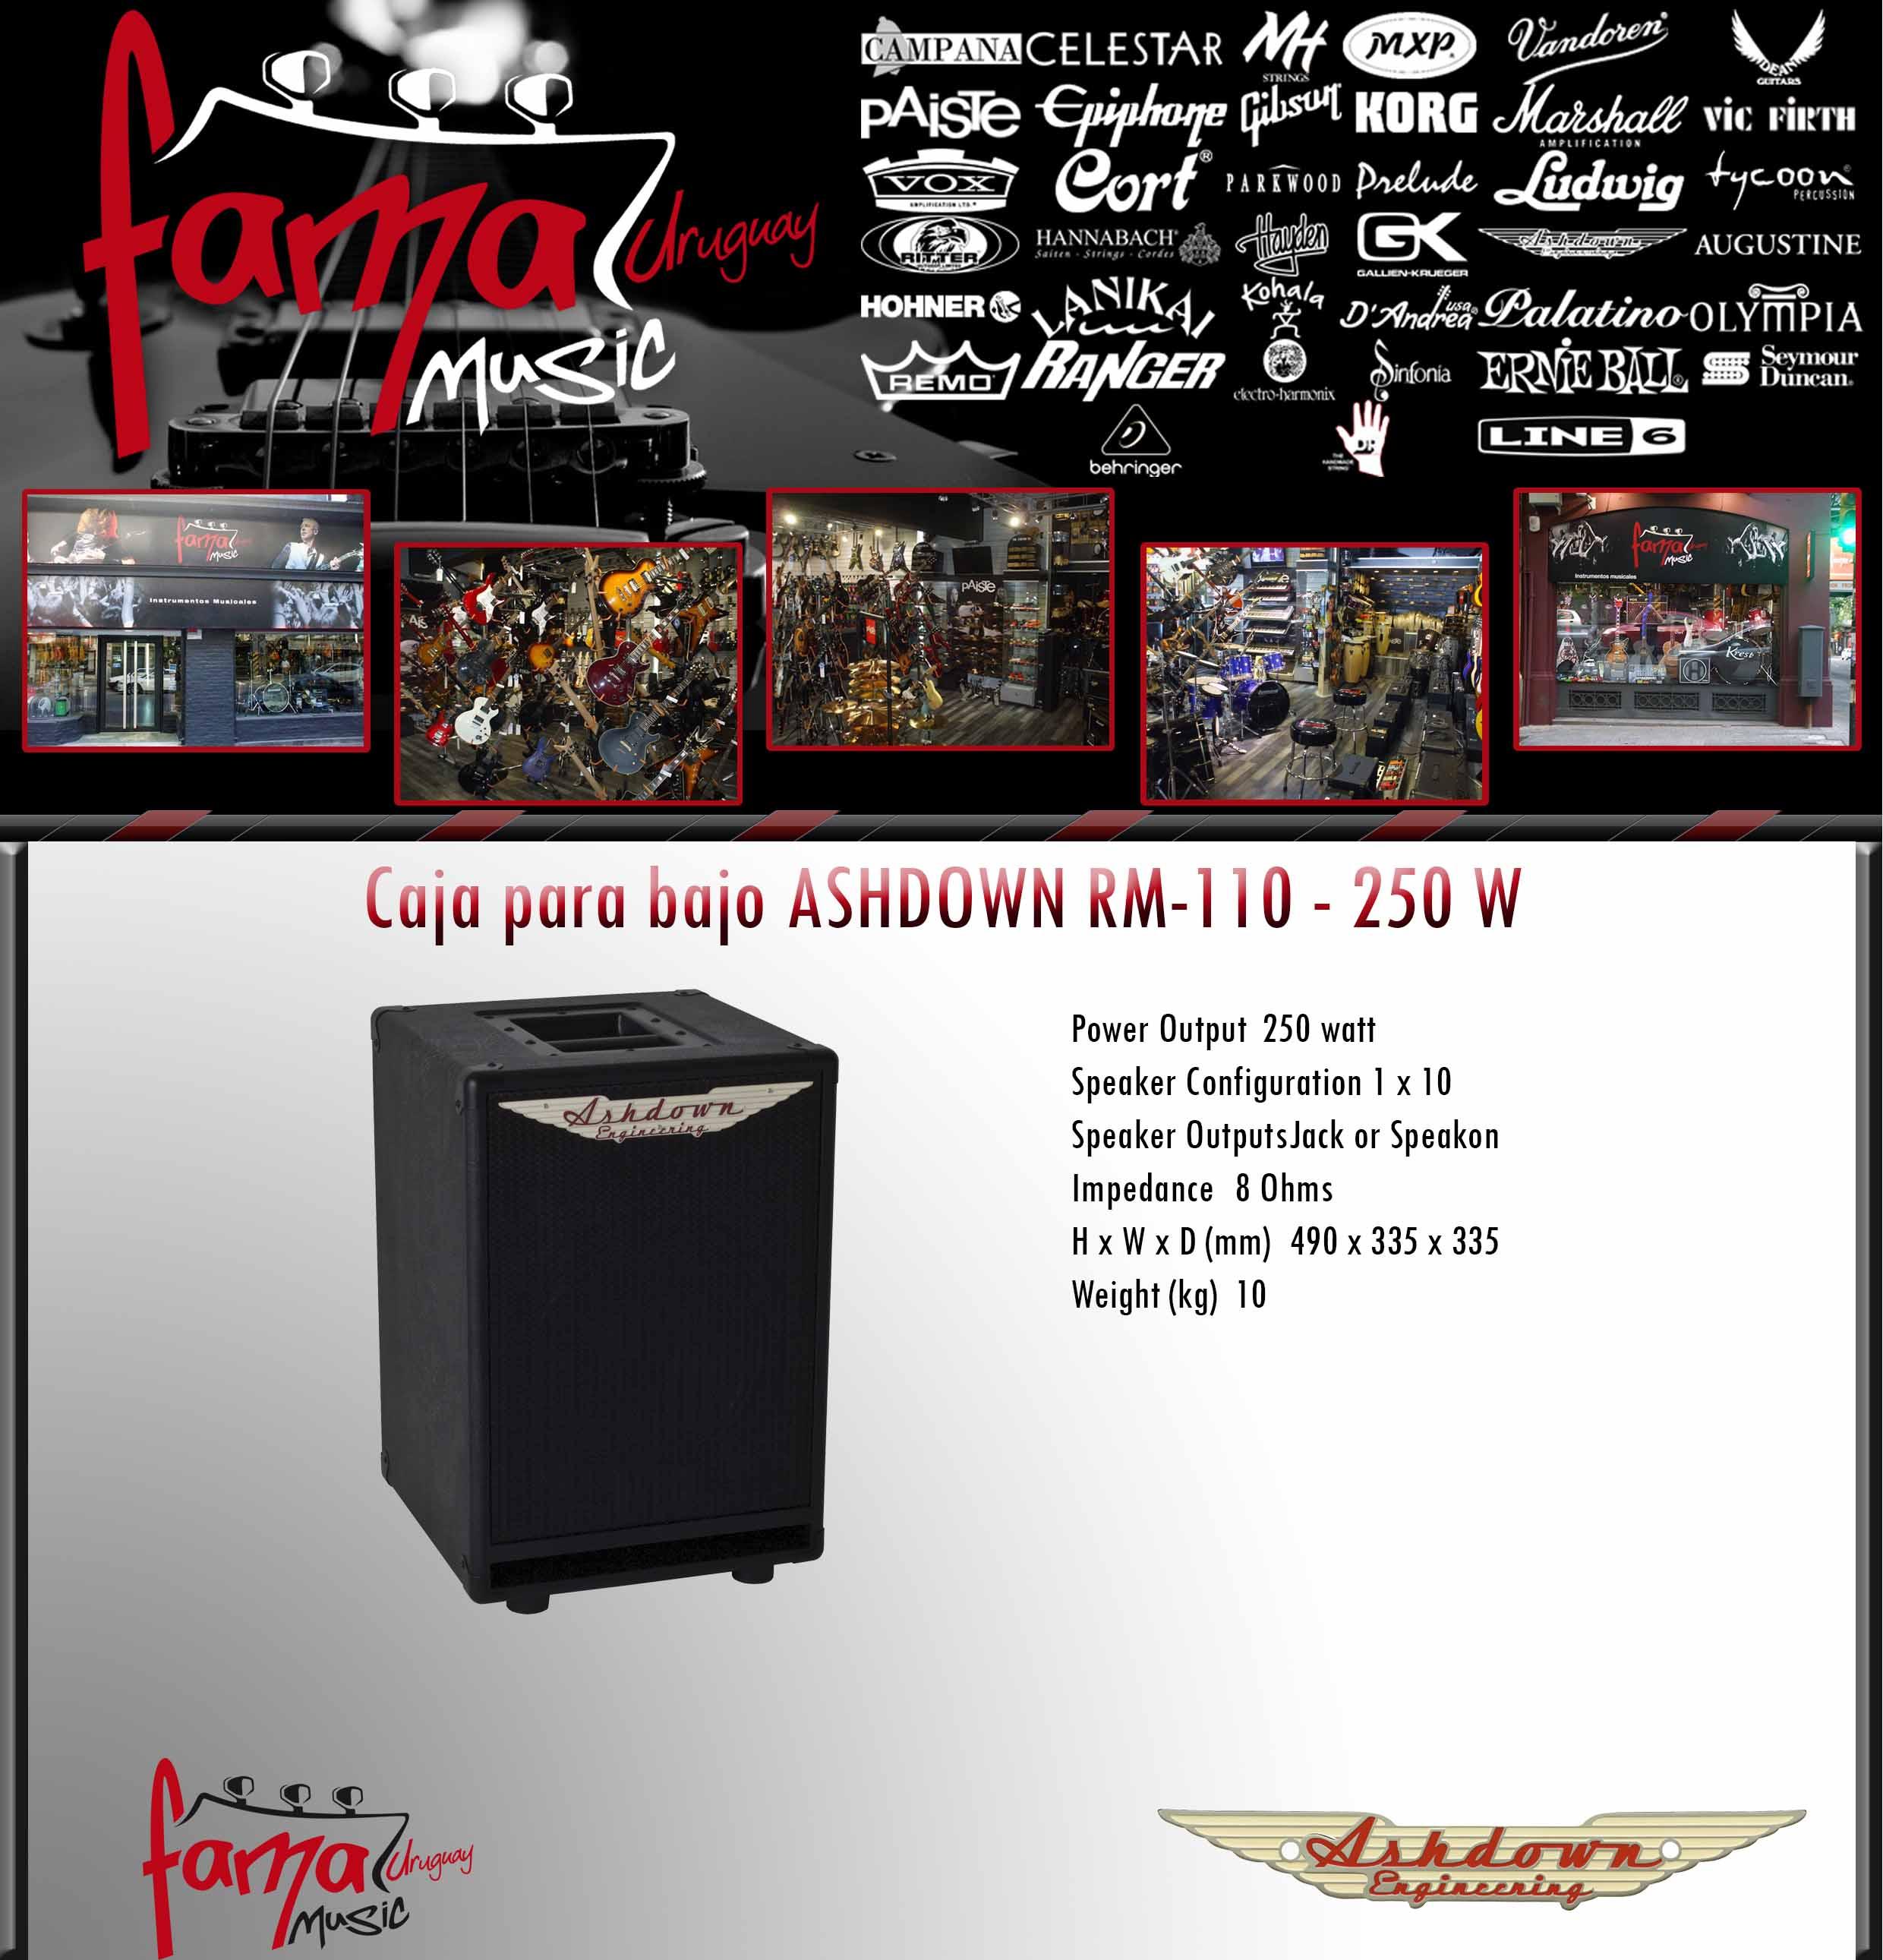 Caja para bajo ASHDOWN RM-110 - 250 W